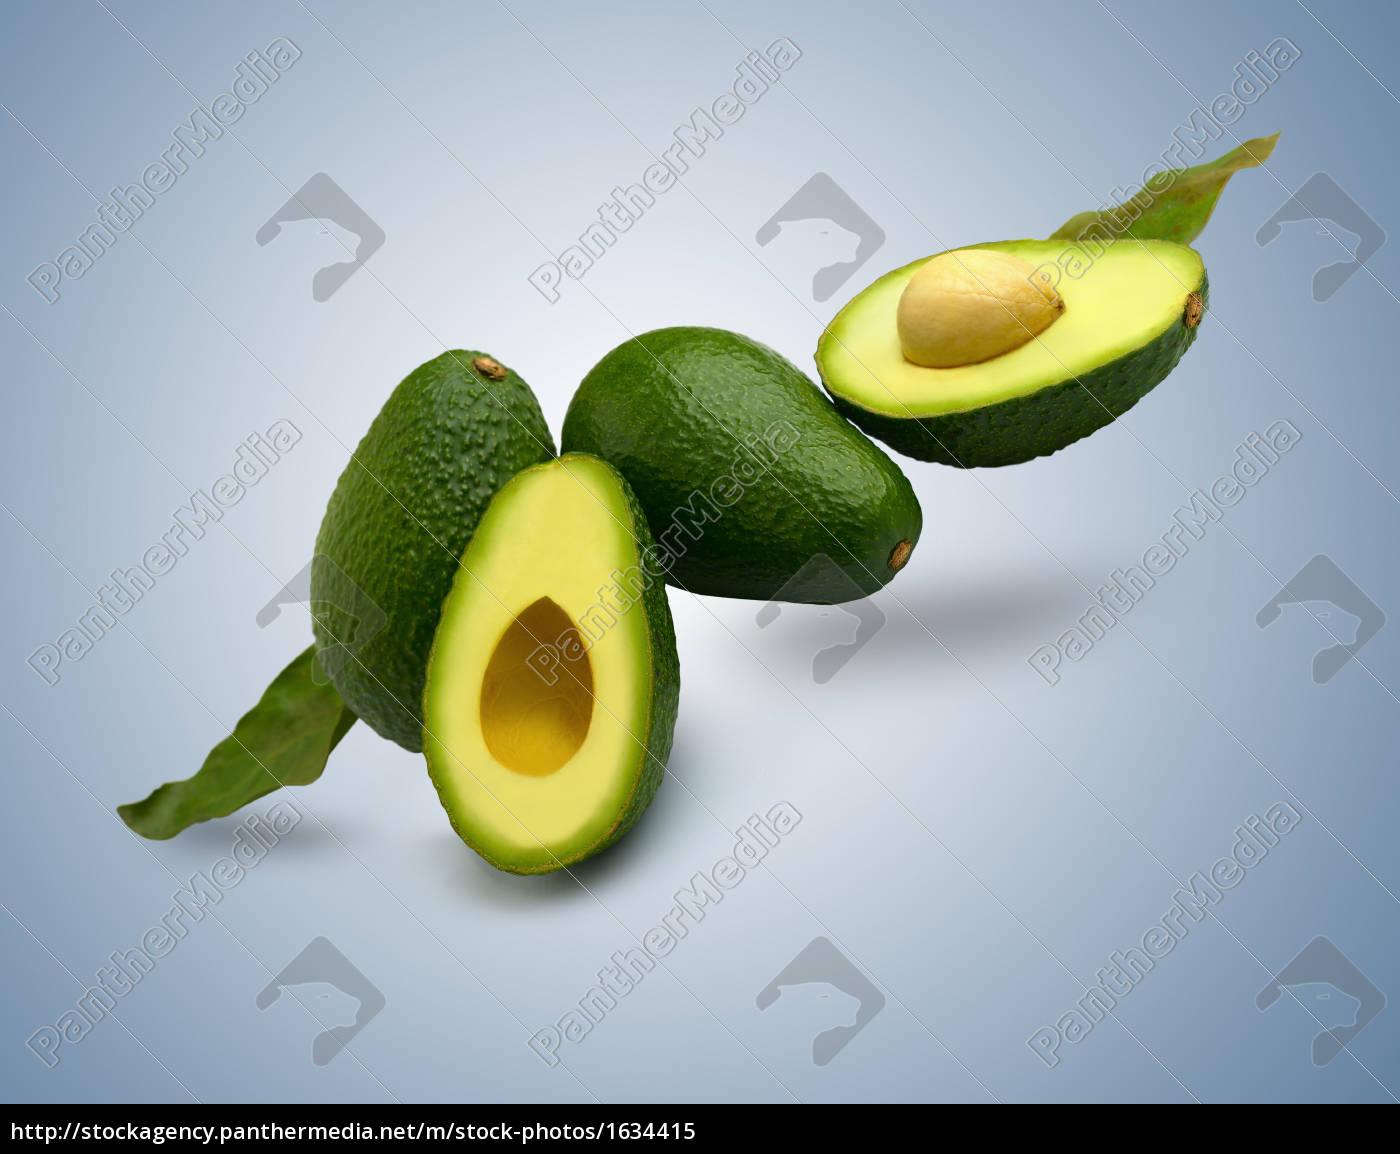 avocado - 1634415